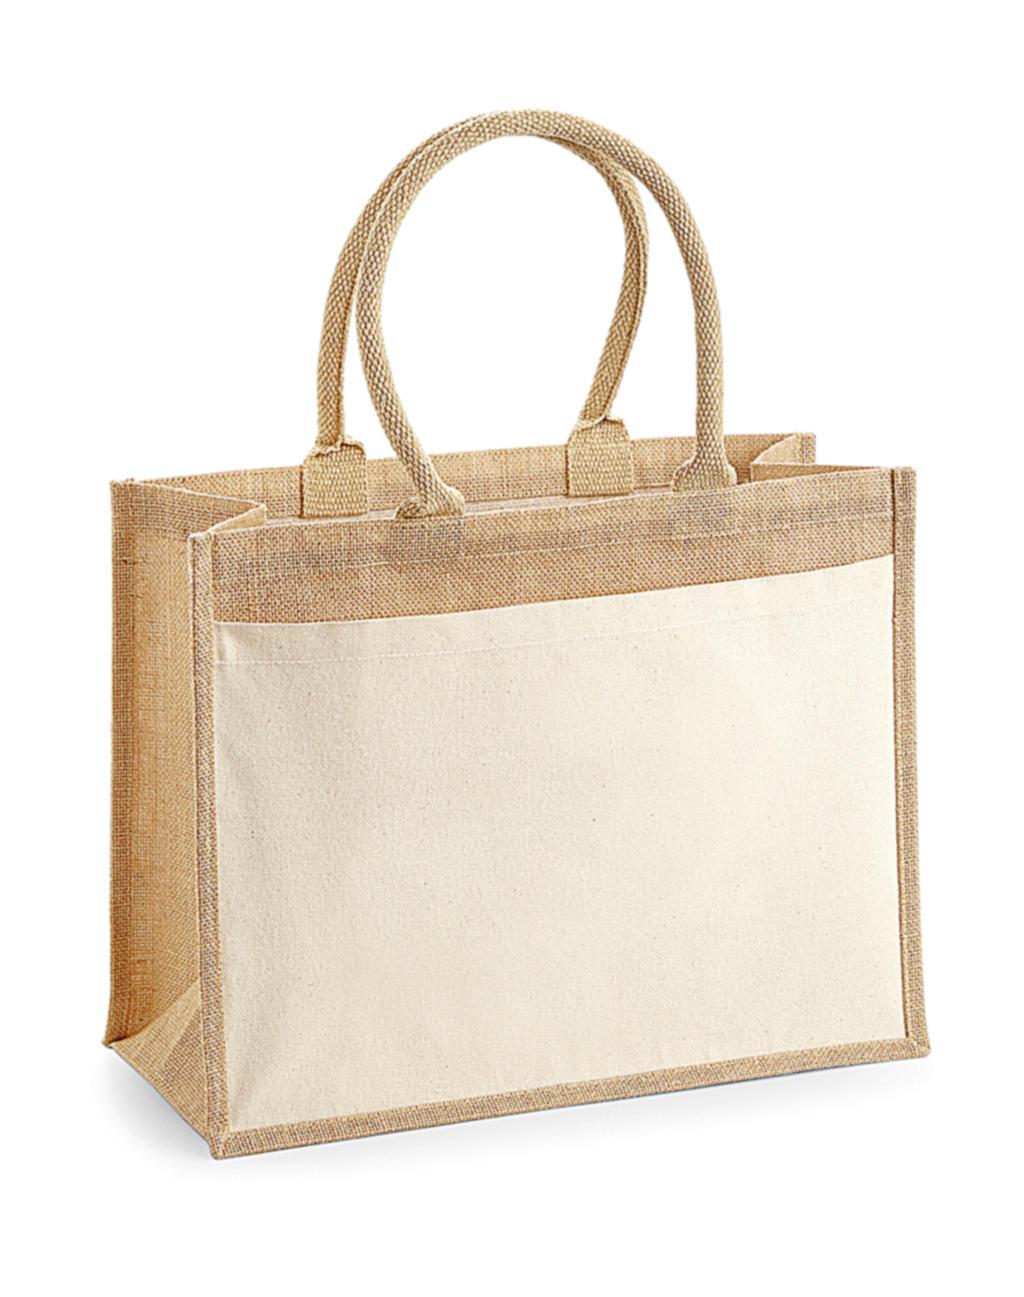 Jutová taška s kapsou z bavlny Shopper - zvìtšit obrázek